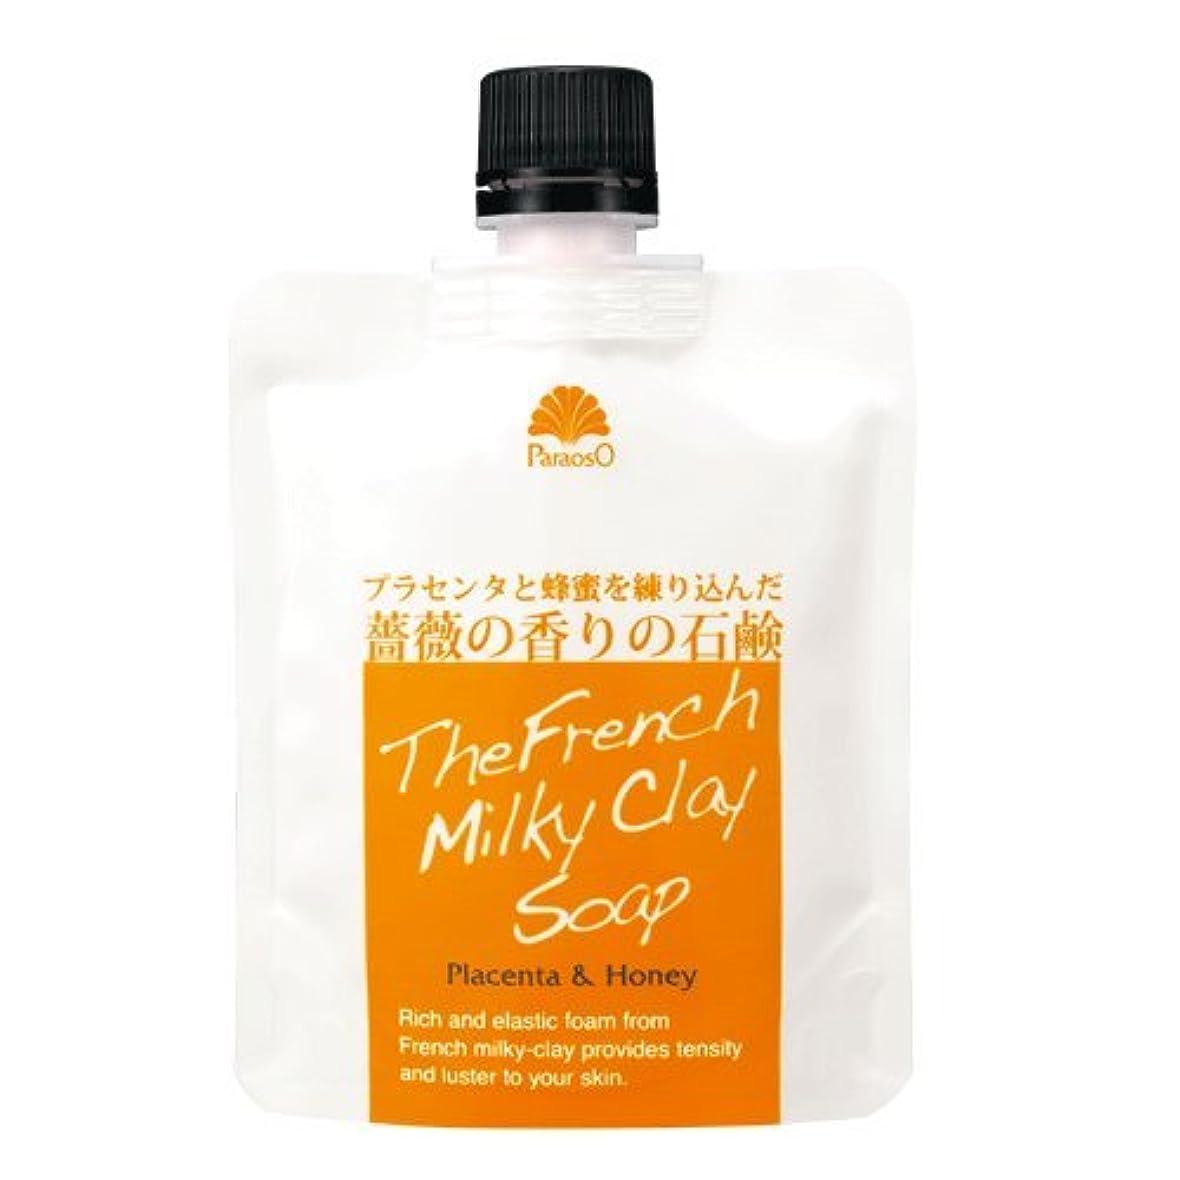 耐えられるプロットモーテルプラセンタと蜂蜜を練り込んだ薔薇の香りの生石鹸 パラオソフレンチクレイソープ 1個